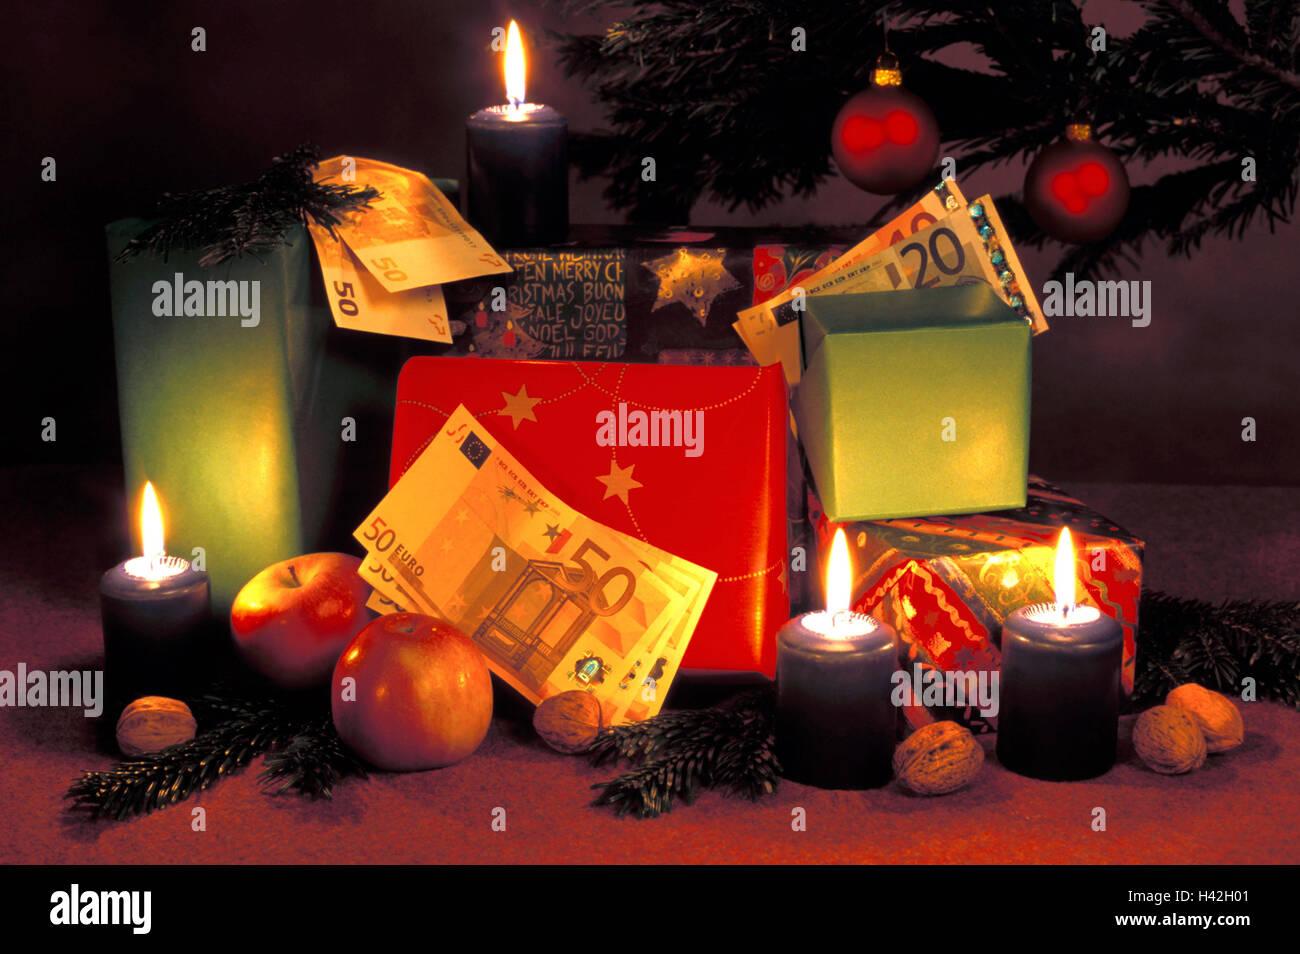 Weihnachten, Vertrieb Geschenke, Weihnachtsbaum, Geschenke, Pakete ...